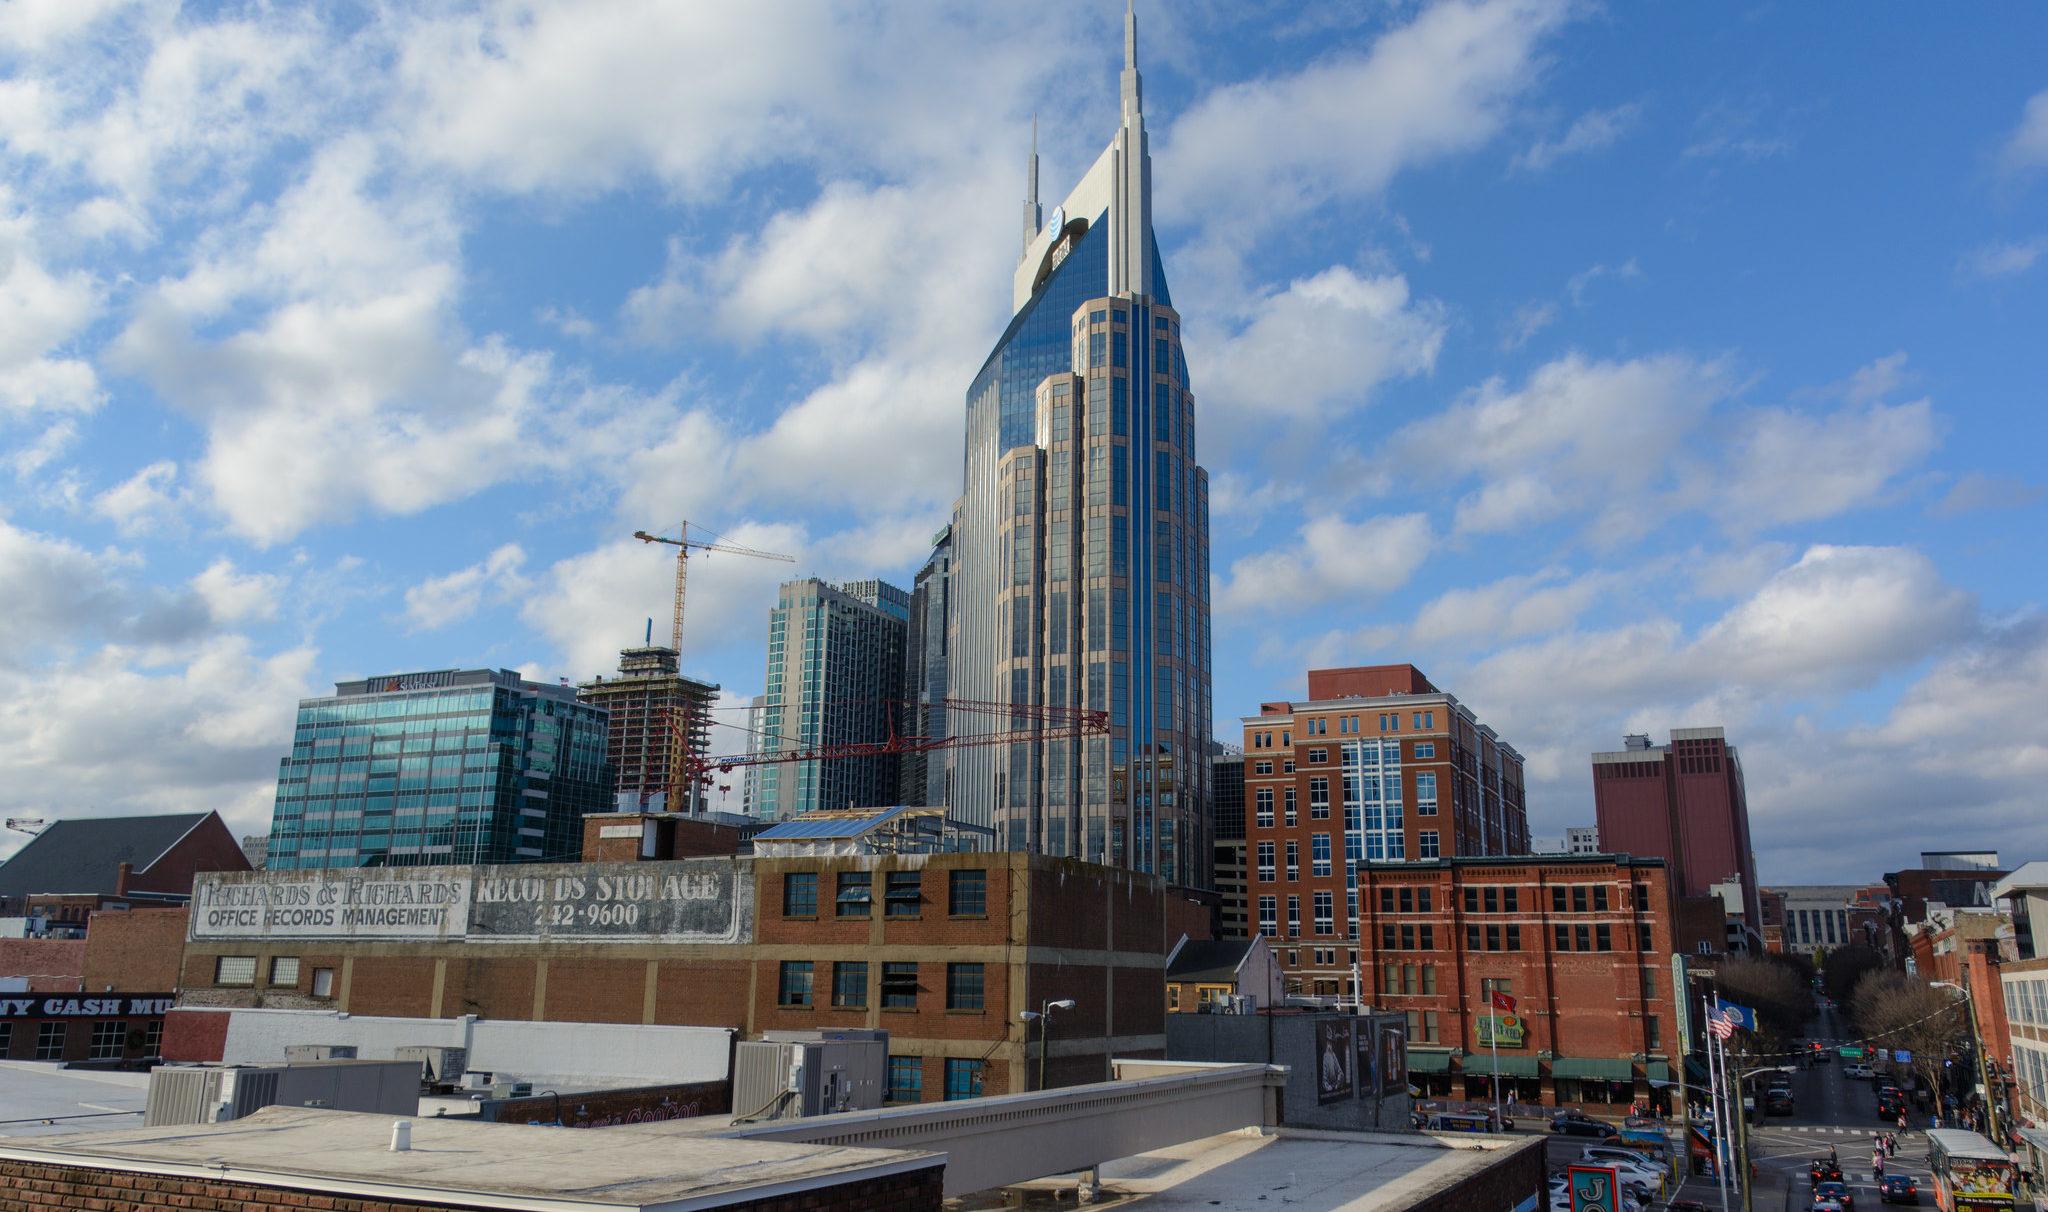 Nashville, Indiana, USA 14 day weather forecast